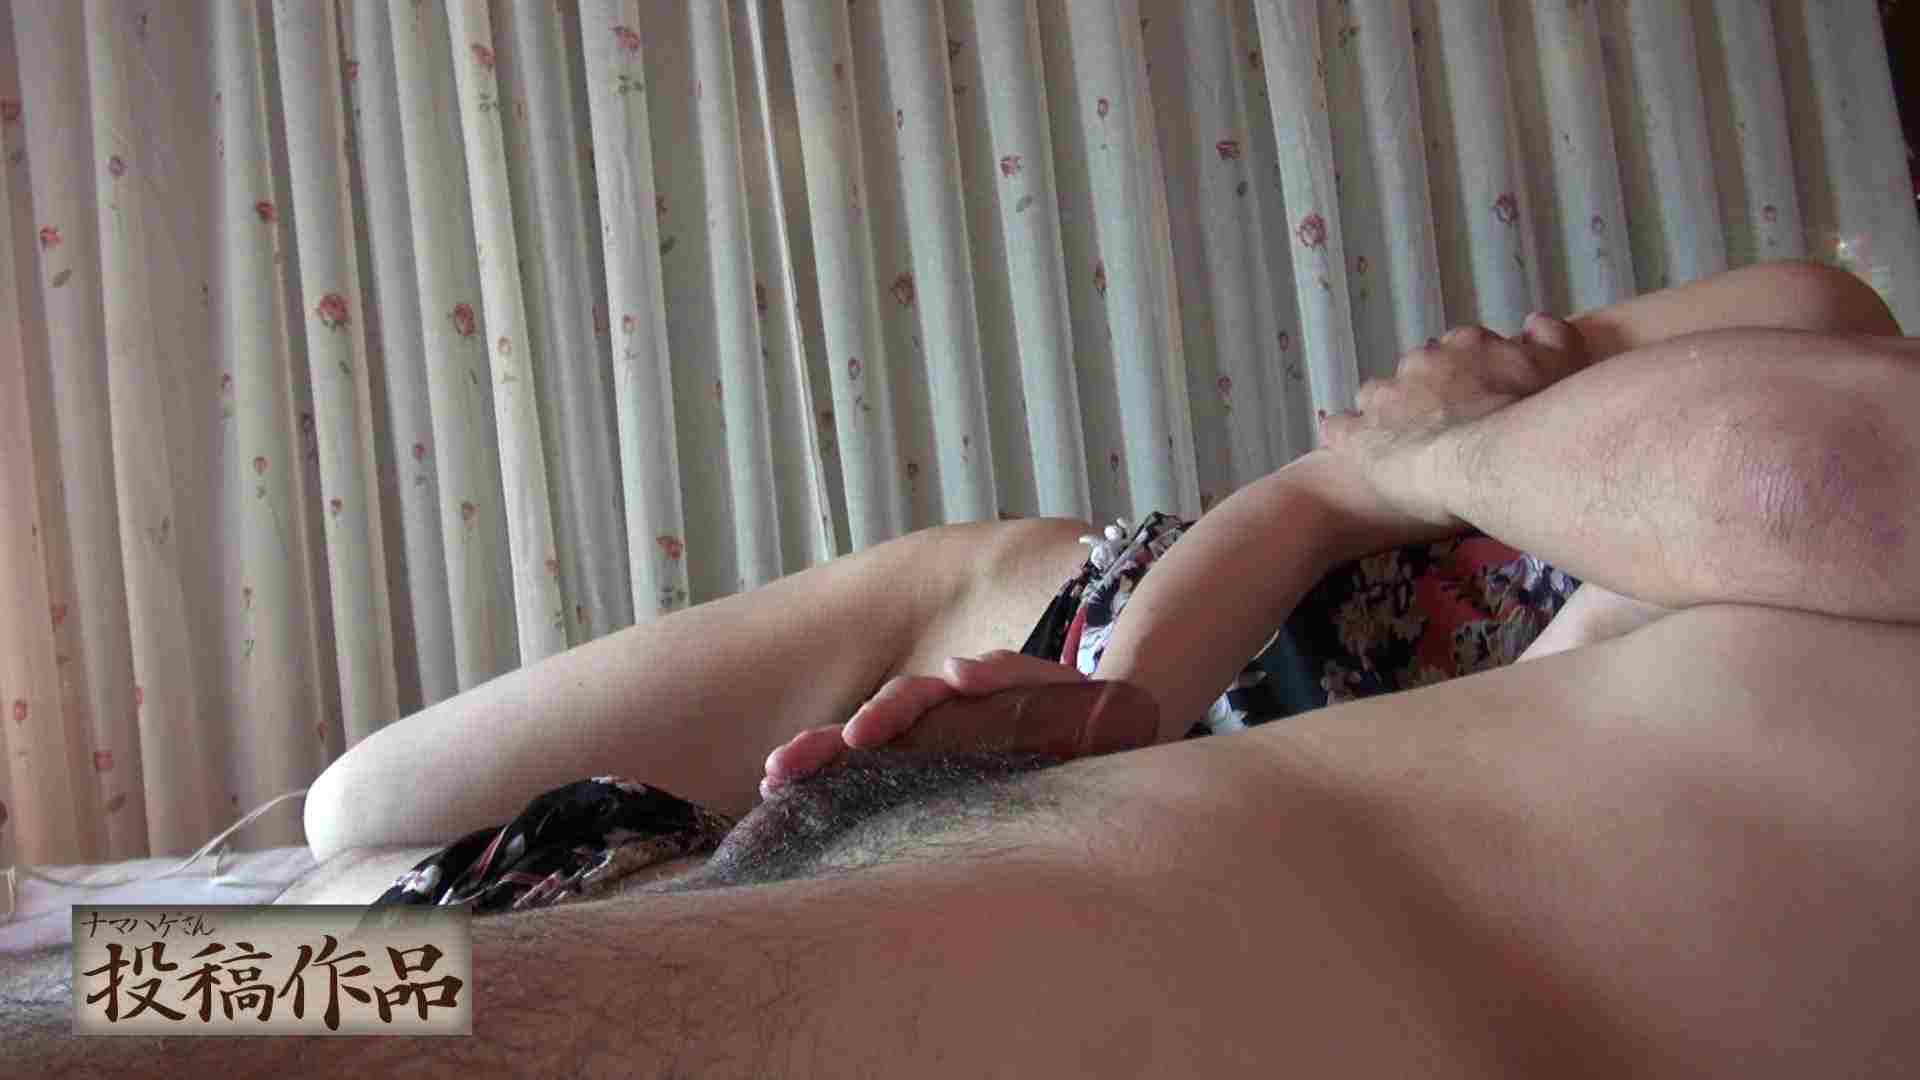 ナマハゲさんのまんこコレクション第二章 michiru02 OL裸体 | お姉さんの裸体  110画像 39